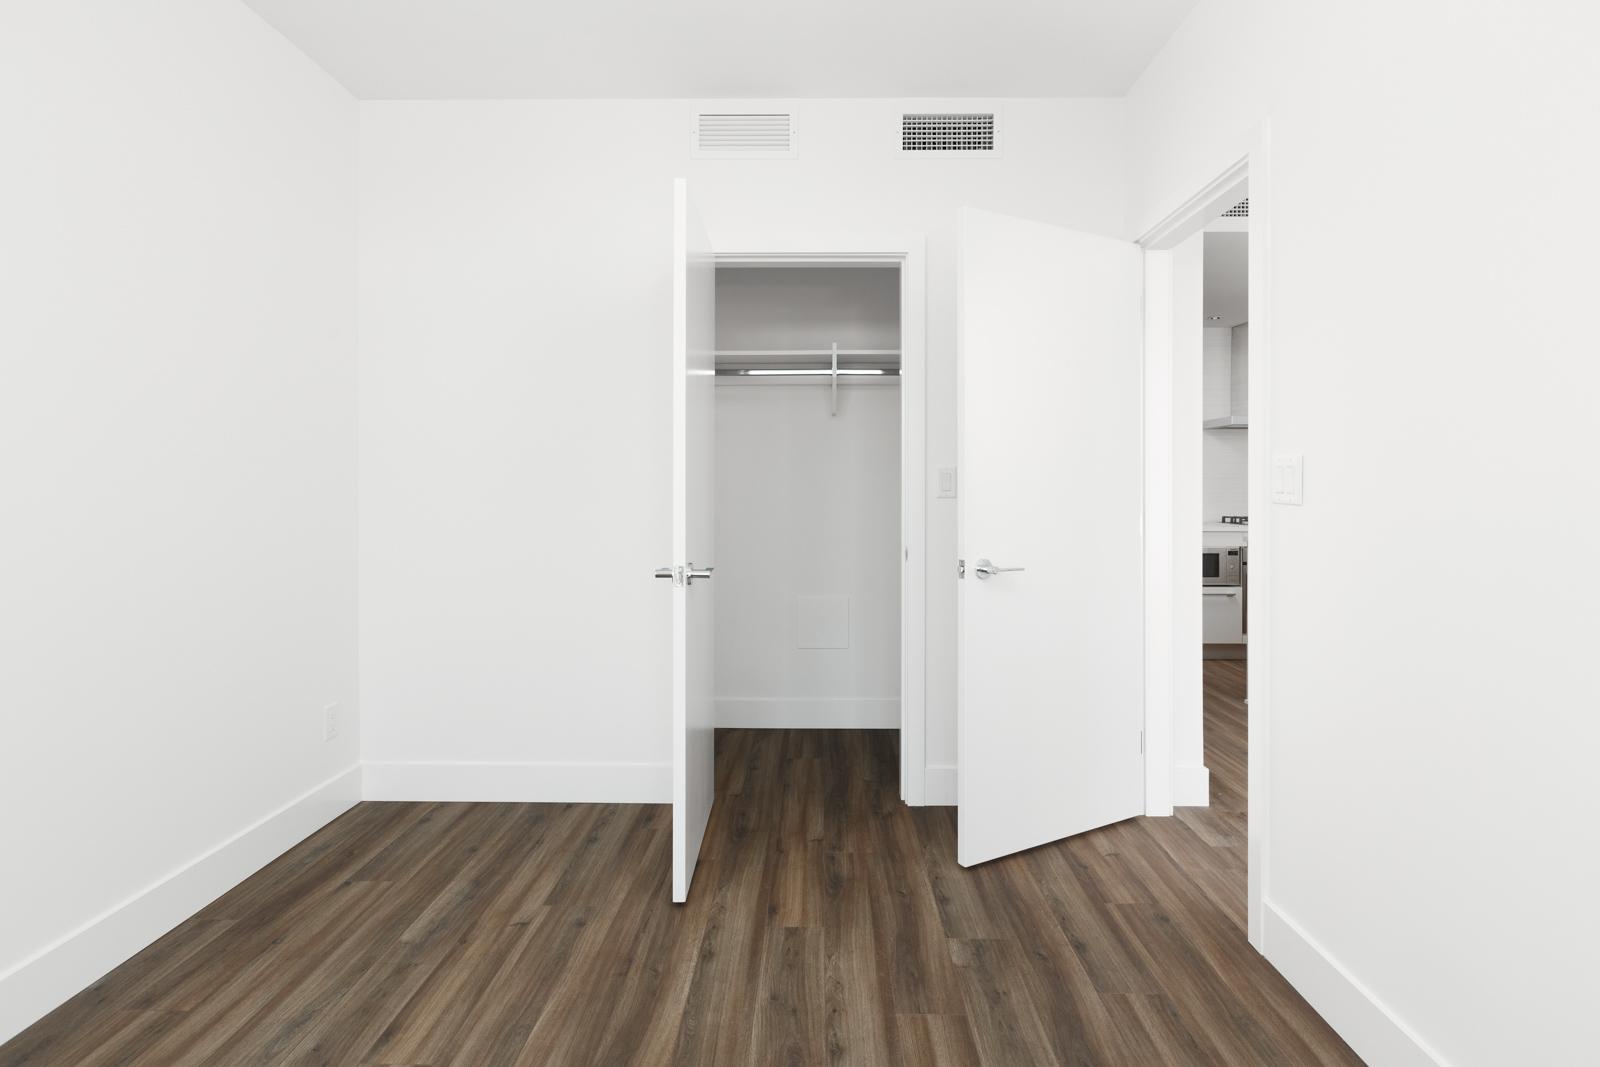 Condo bedroom in Kings Crossing rental property in Highgate village and Edmonds neighbourhood in Burnaby